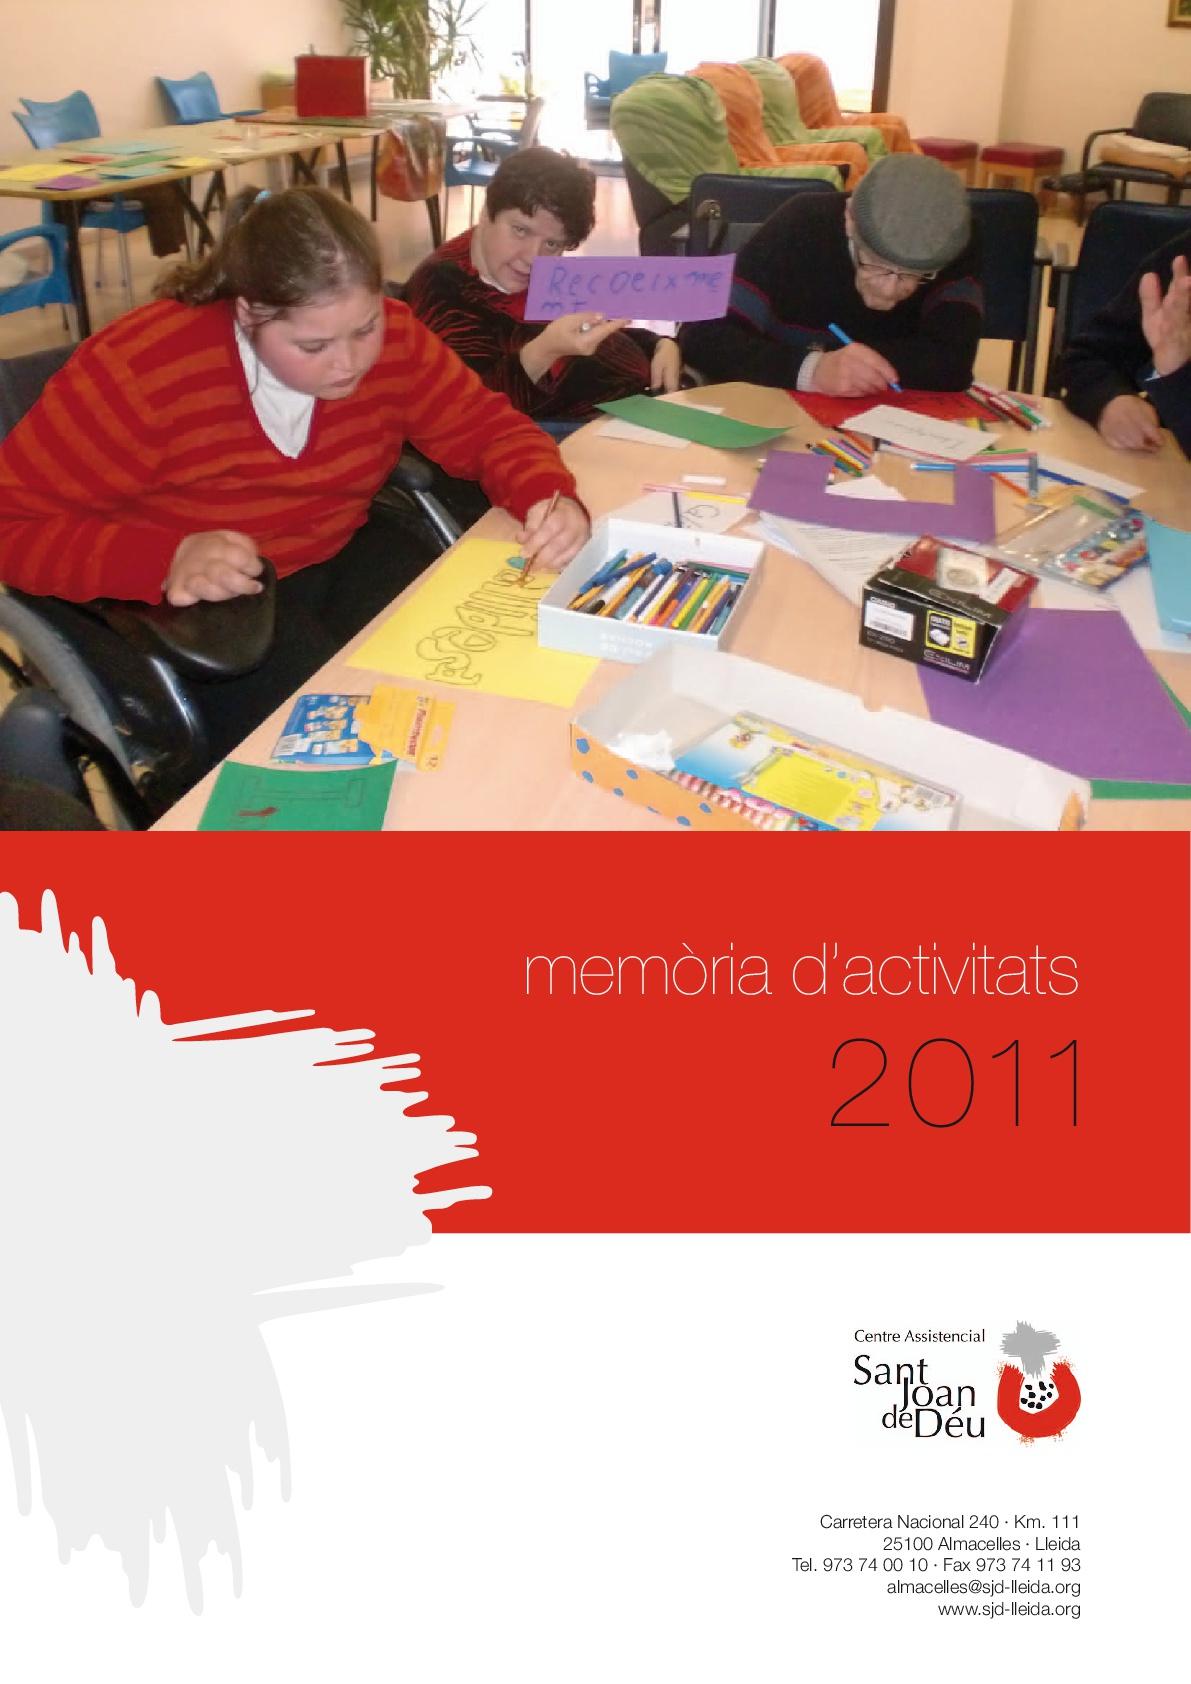 Memòria d'activitats de 2011